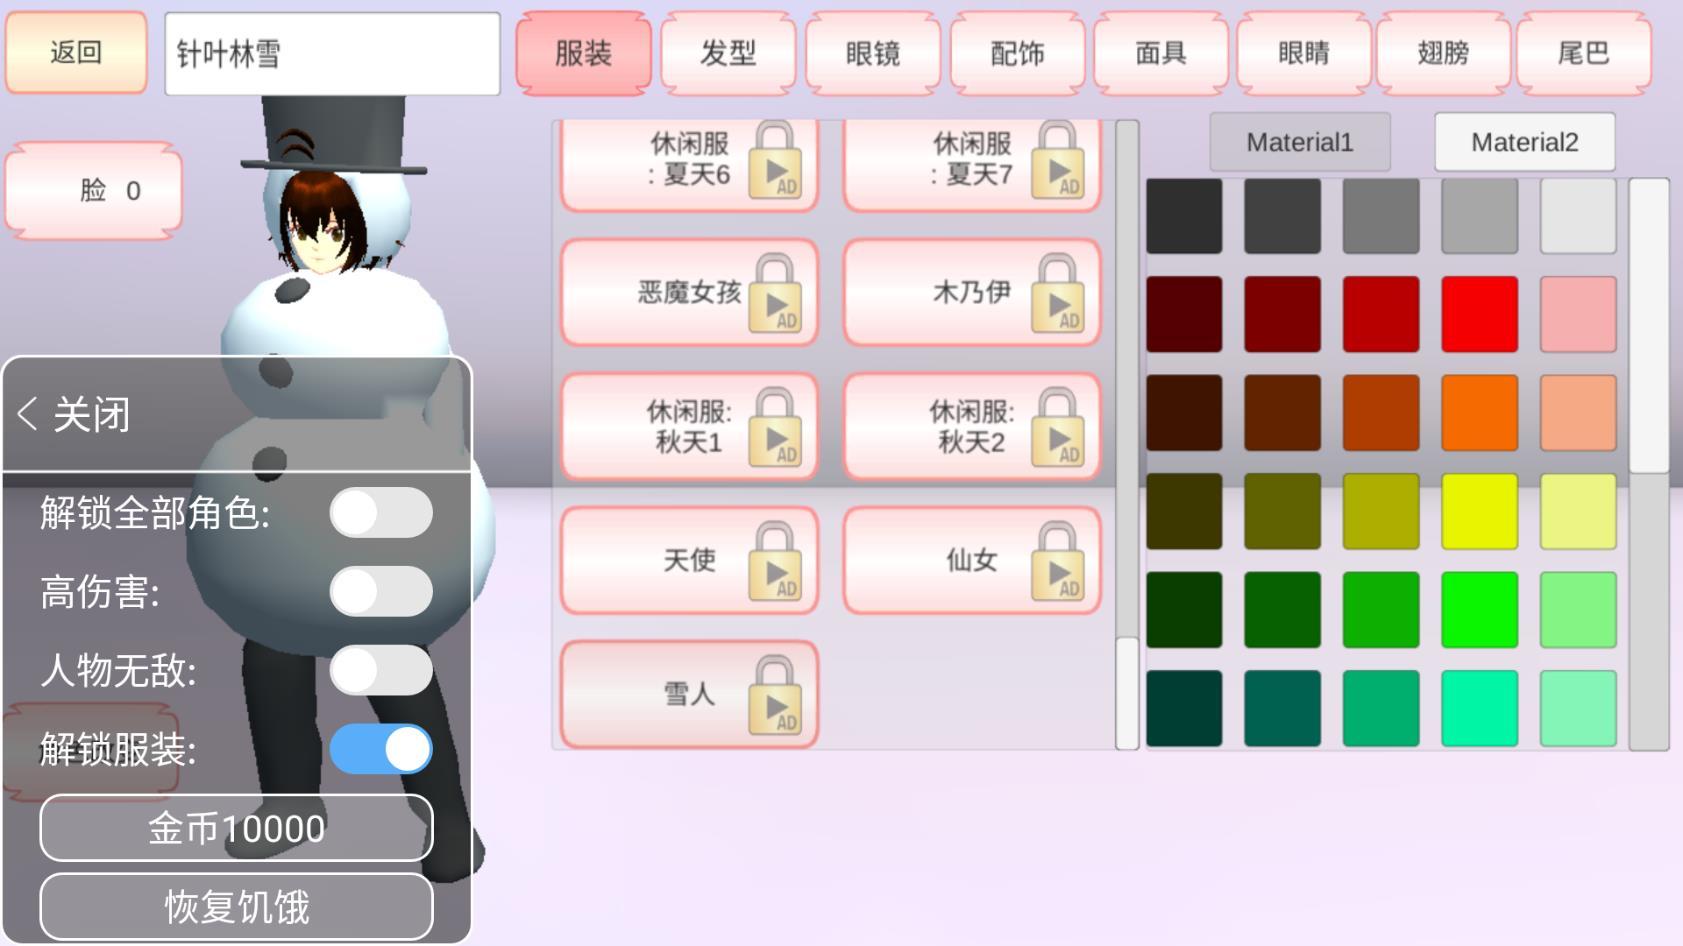 樱花校园模拟器1.038.01中文破解版(2)